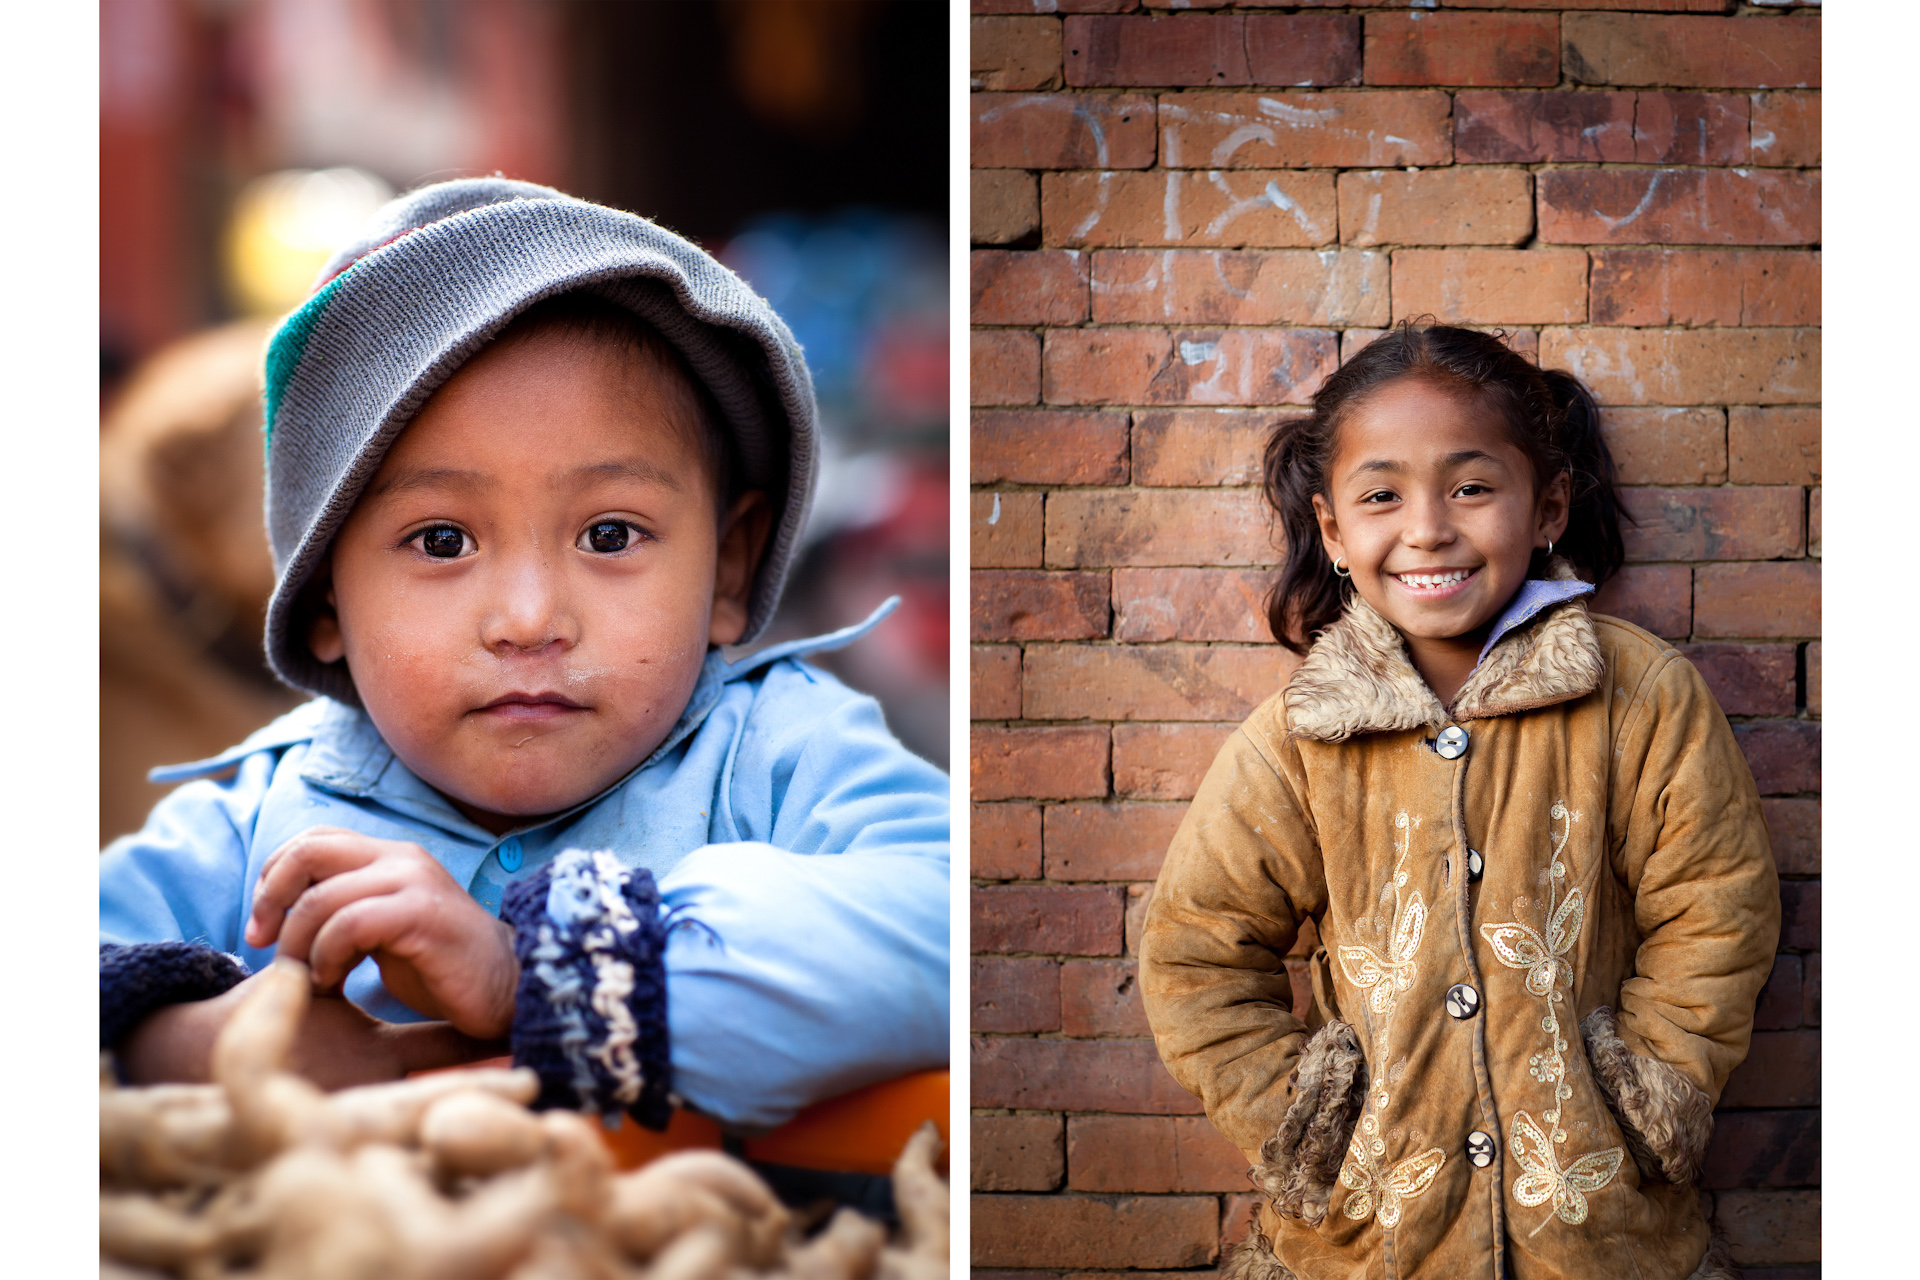 Jason_Bax_Travel_Nepal-Bhaktapur-Children-2.JPG